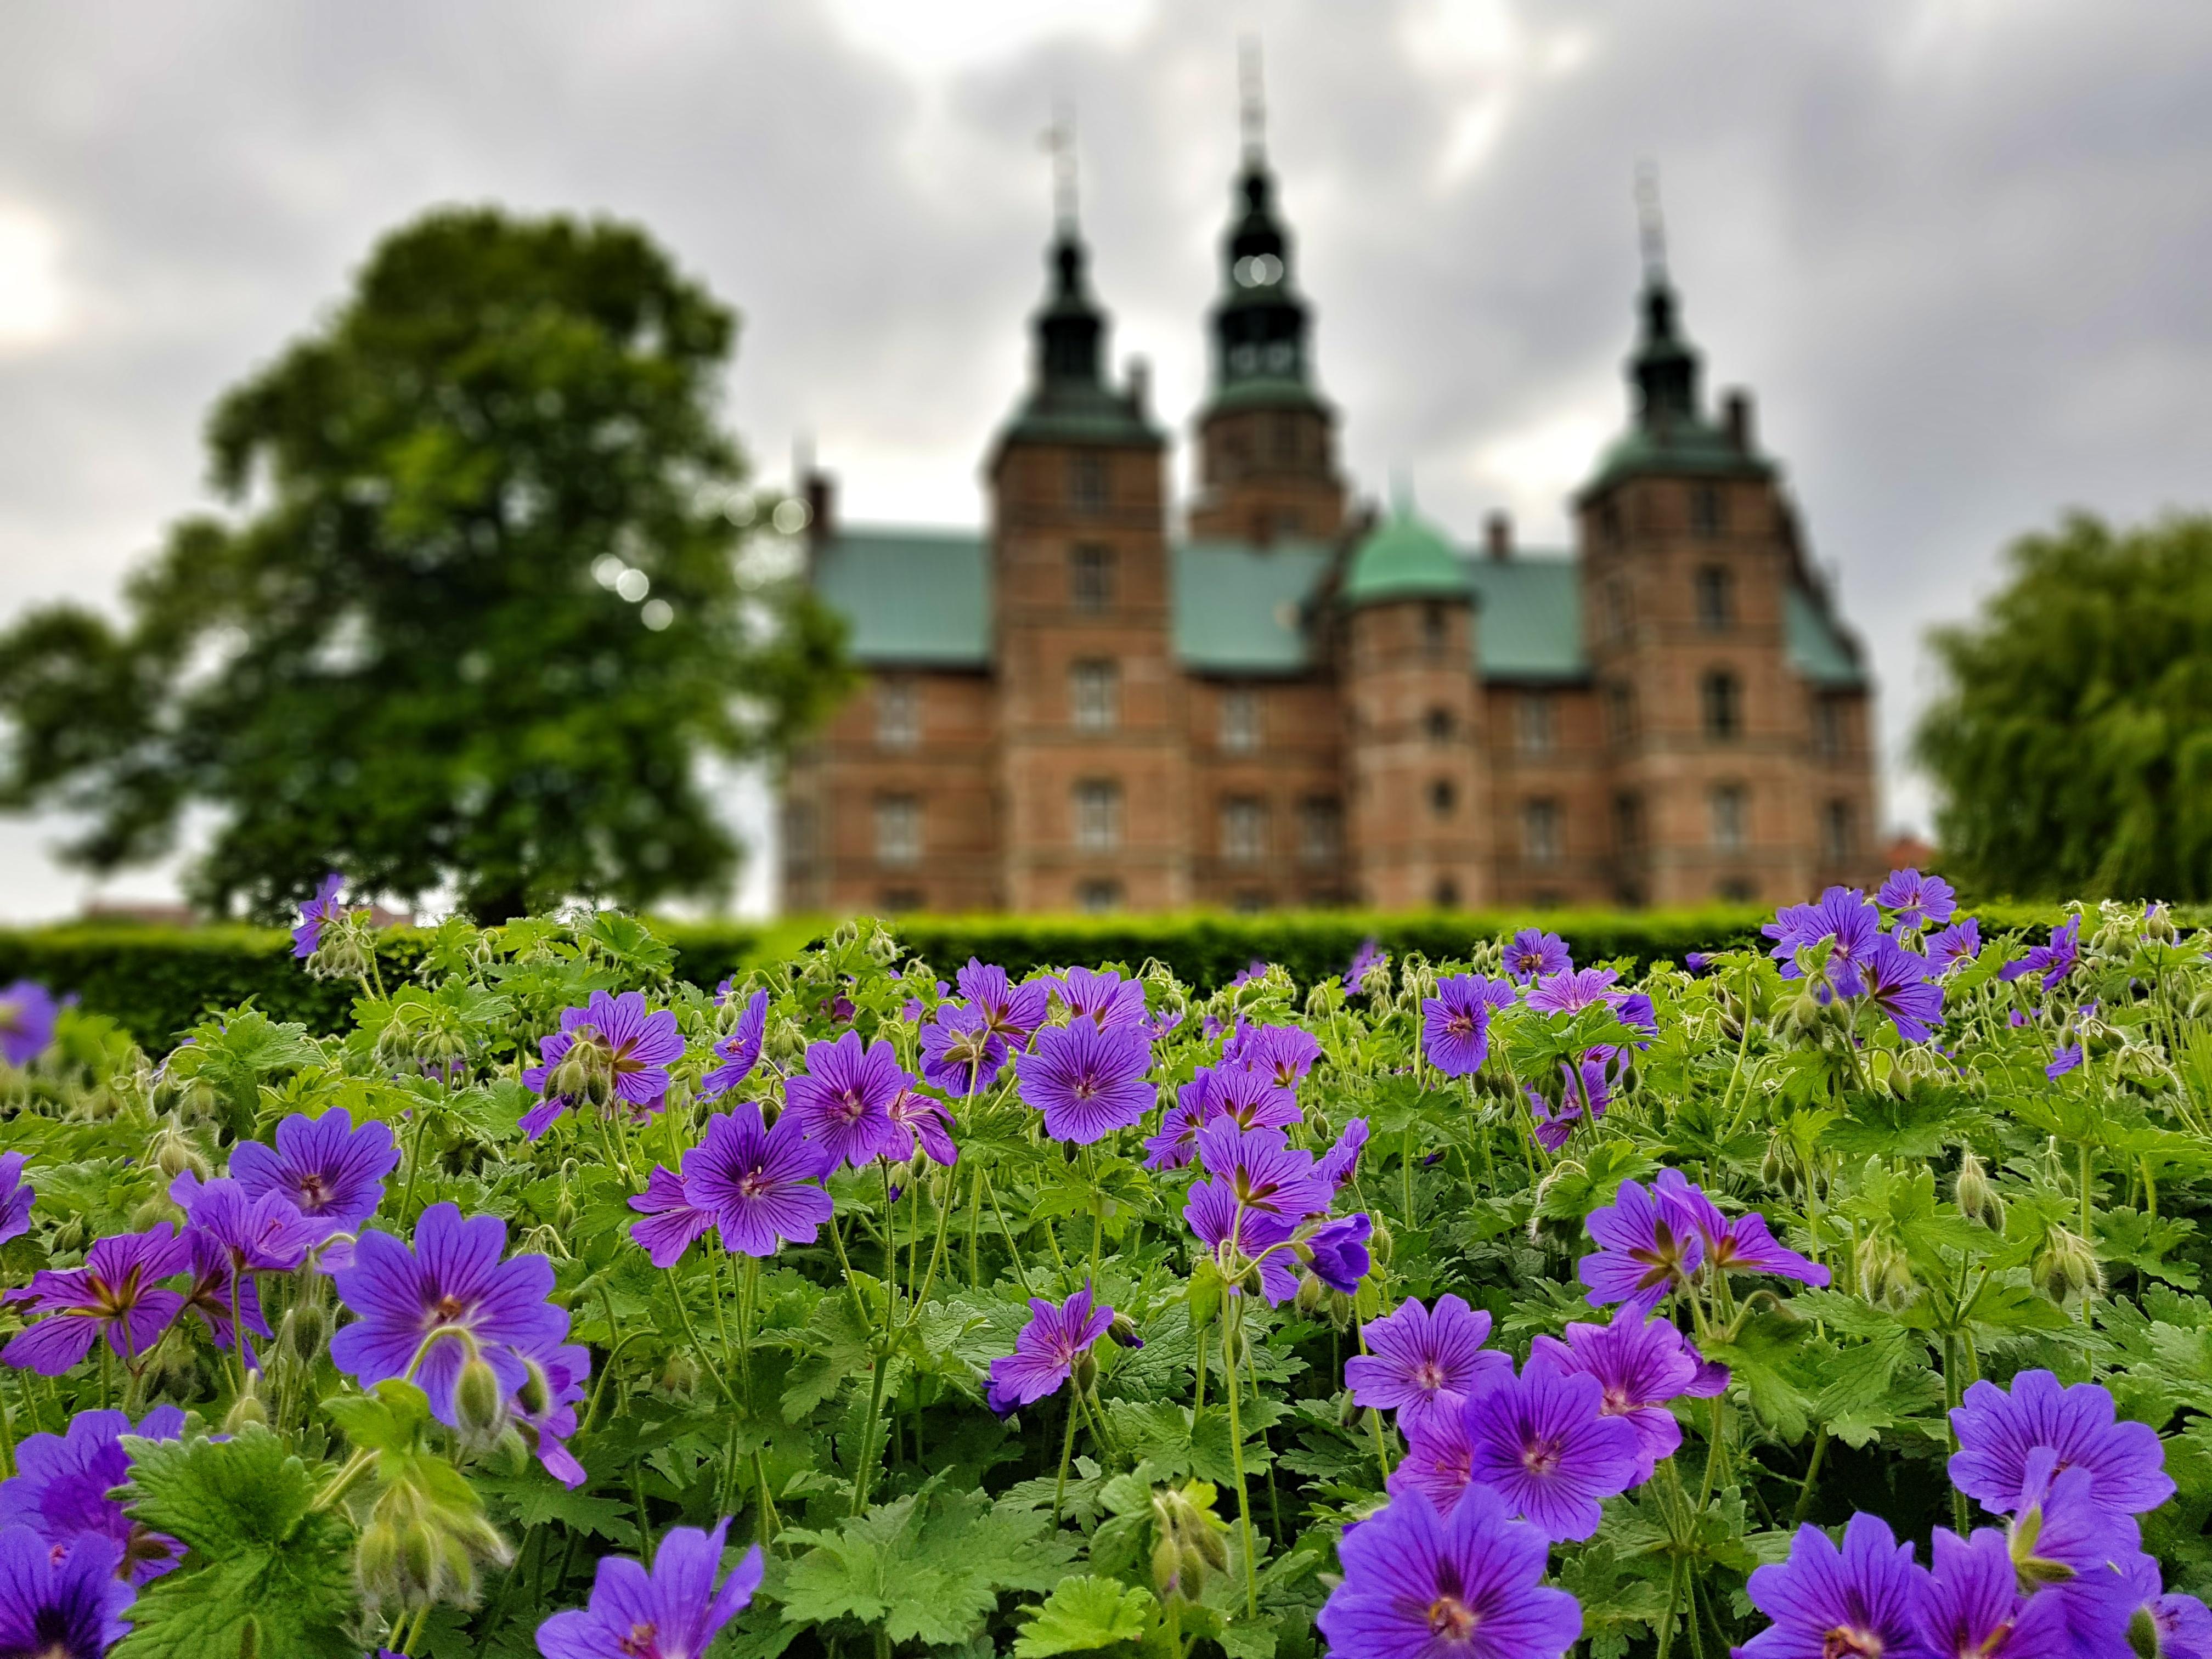 flowers_rosenborg_castle_gardens